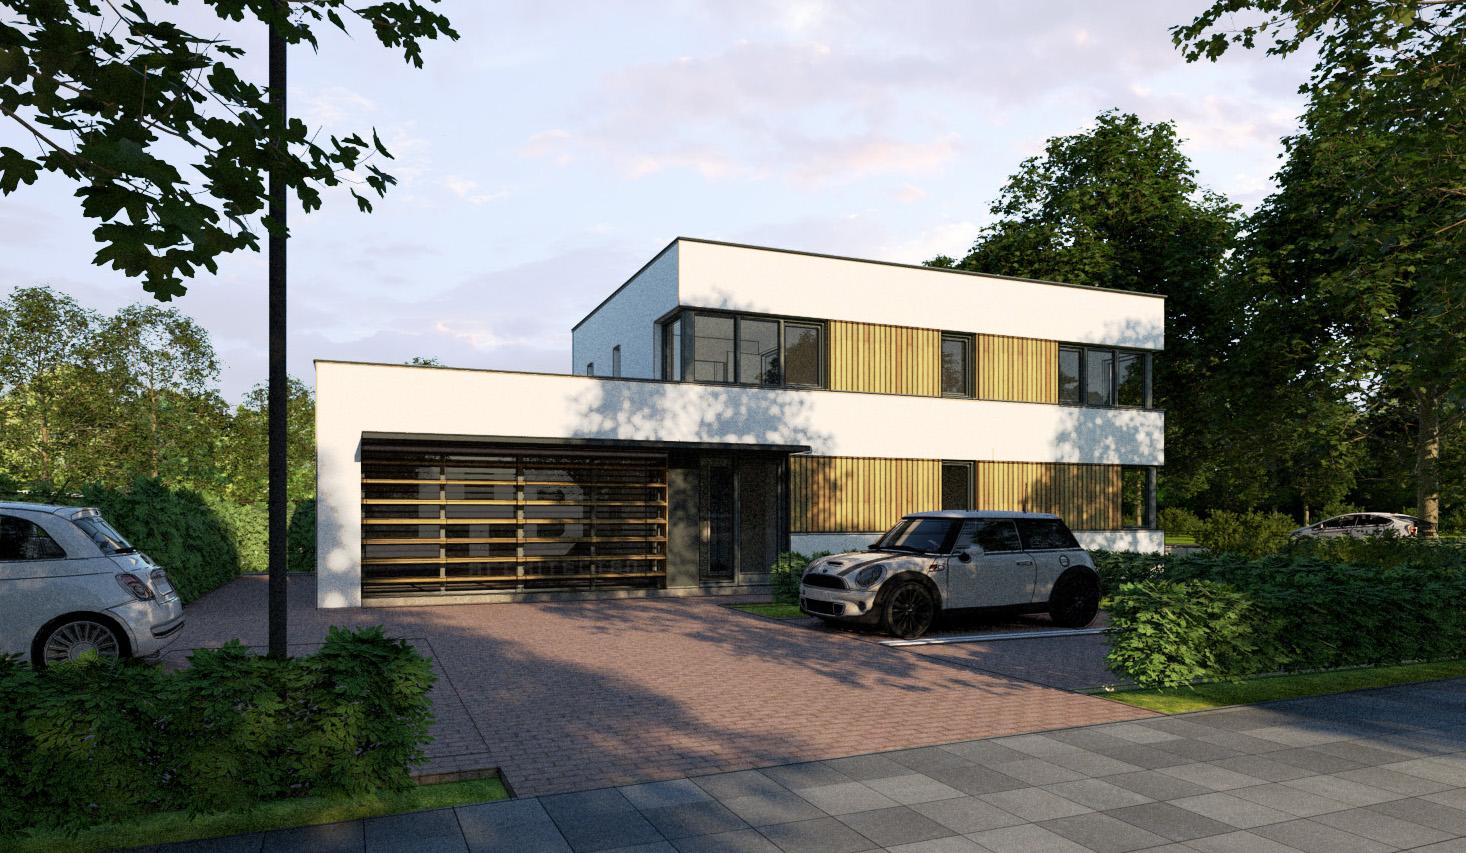 Kantoor & woonhuis  Rubenslaan, Waalwijk